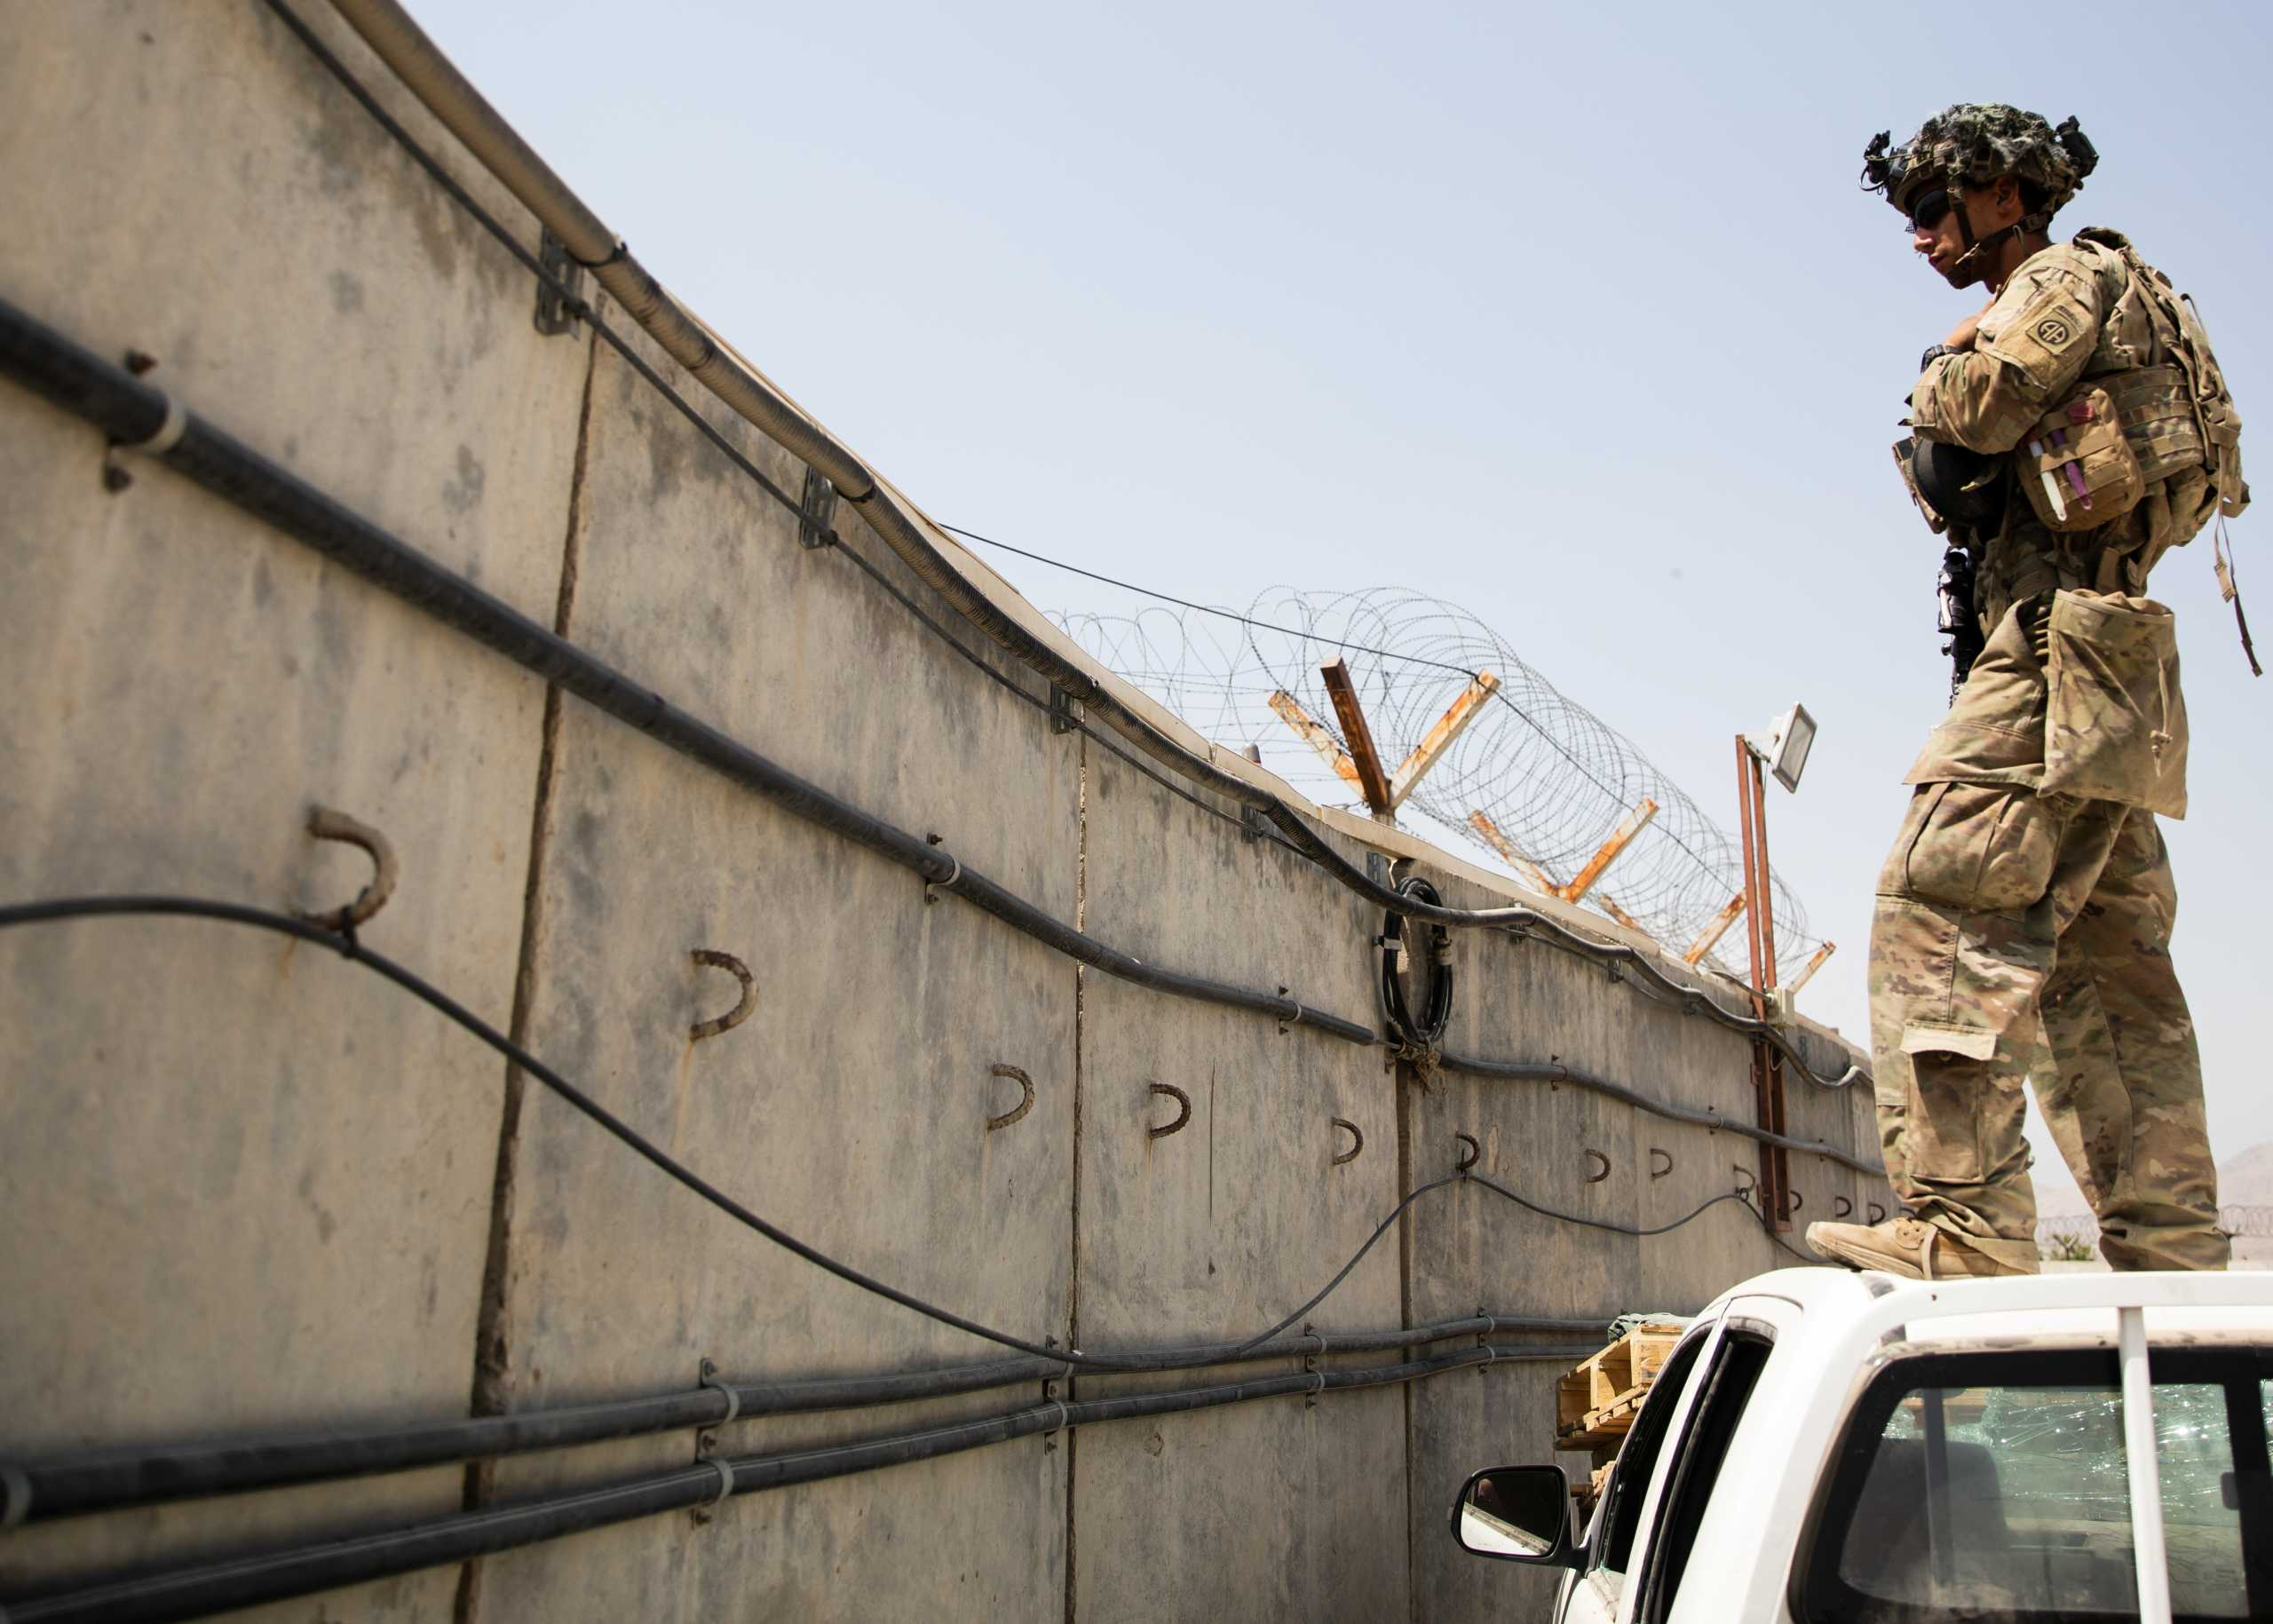 Αφγανιστάν: Αποχώρησαν οι τελευταίοι Αμερικανοί στρατιώτες – Πανηγυρίζουν οι Ταλιμπάν